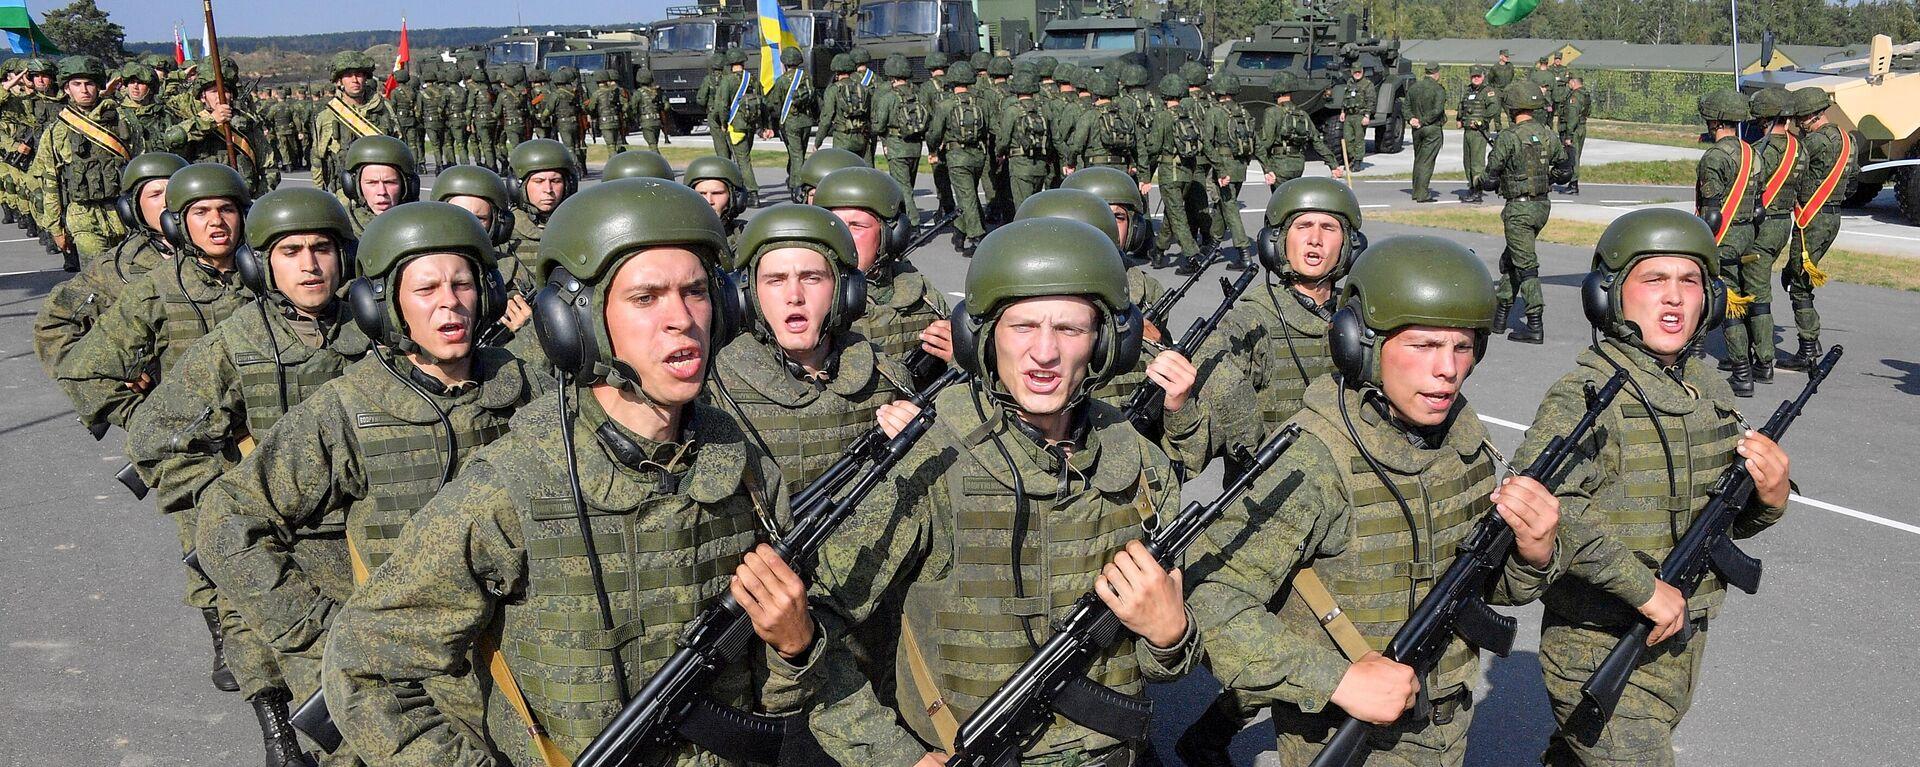 Ceremonia de apertura de los ejercicios militares conjuntos de Rusia y Bielorrusia Zapad 2021  - Sputnik Mundo, 1920, 10.09.2021